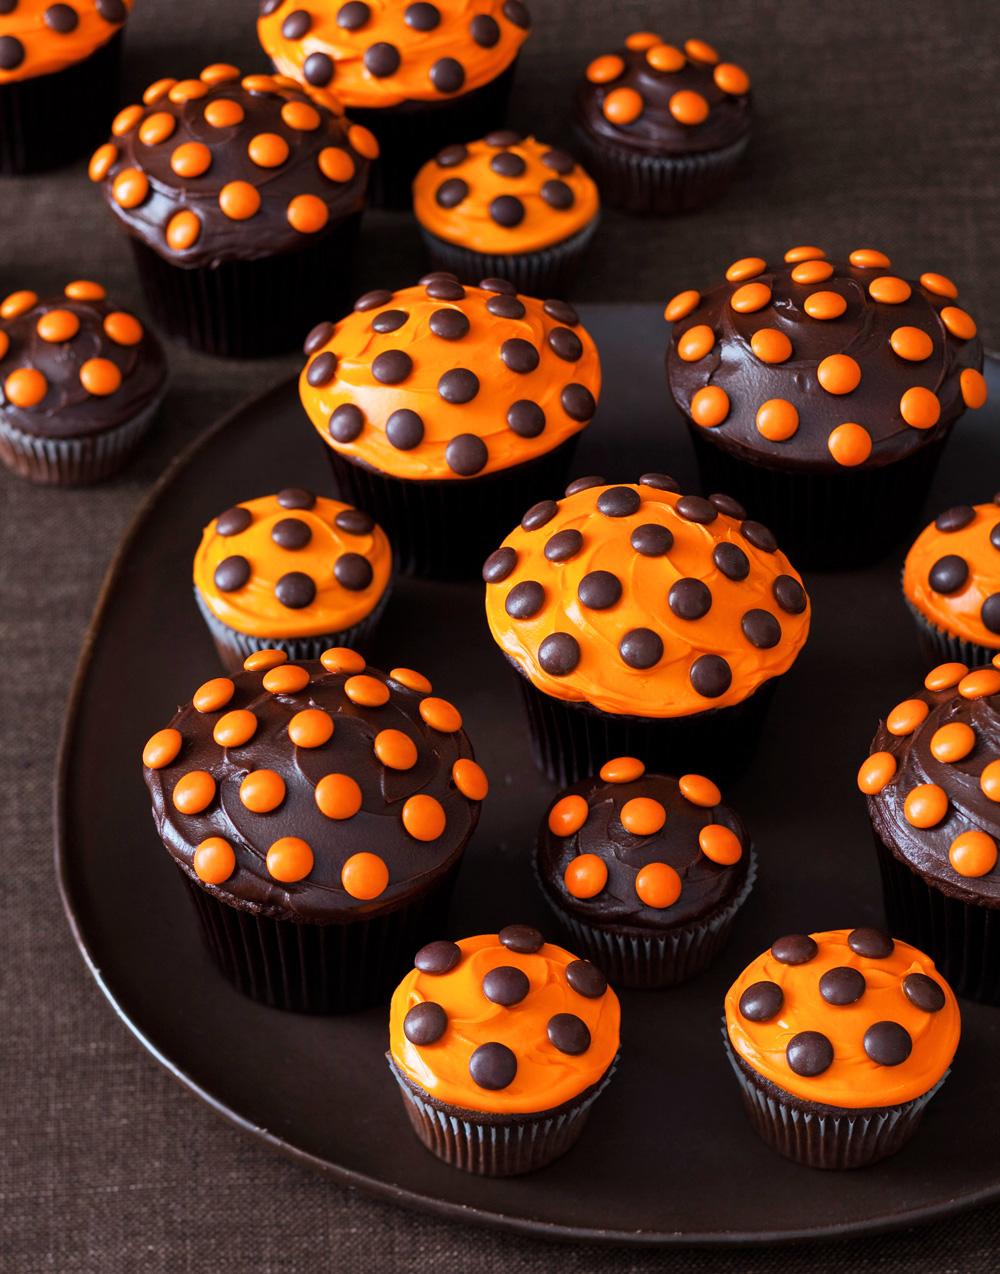 Polka-Dot Cupcakes